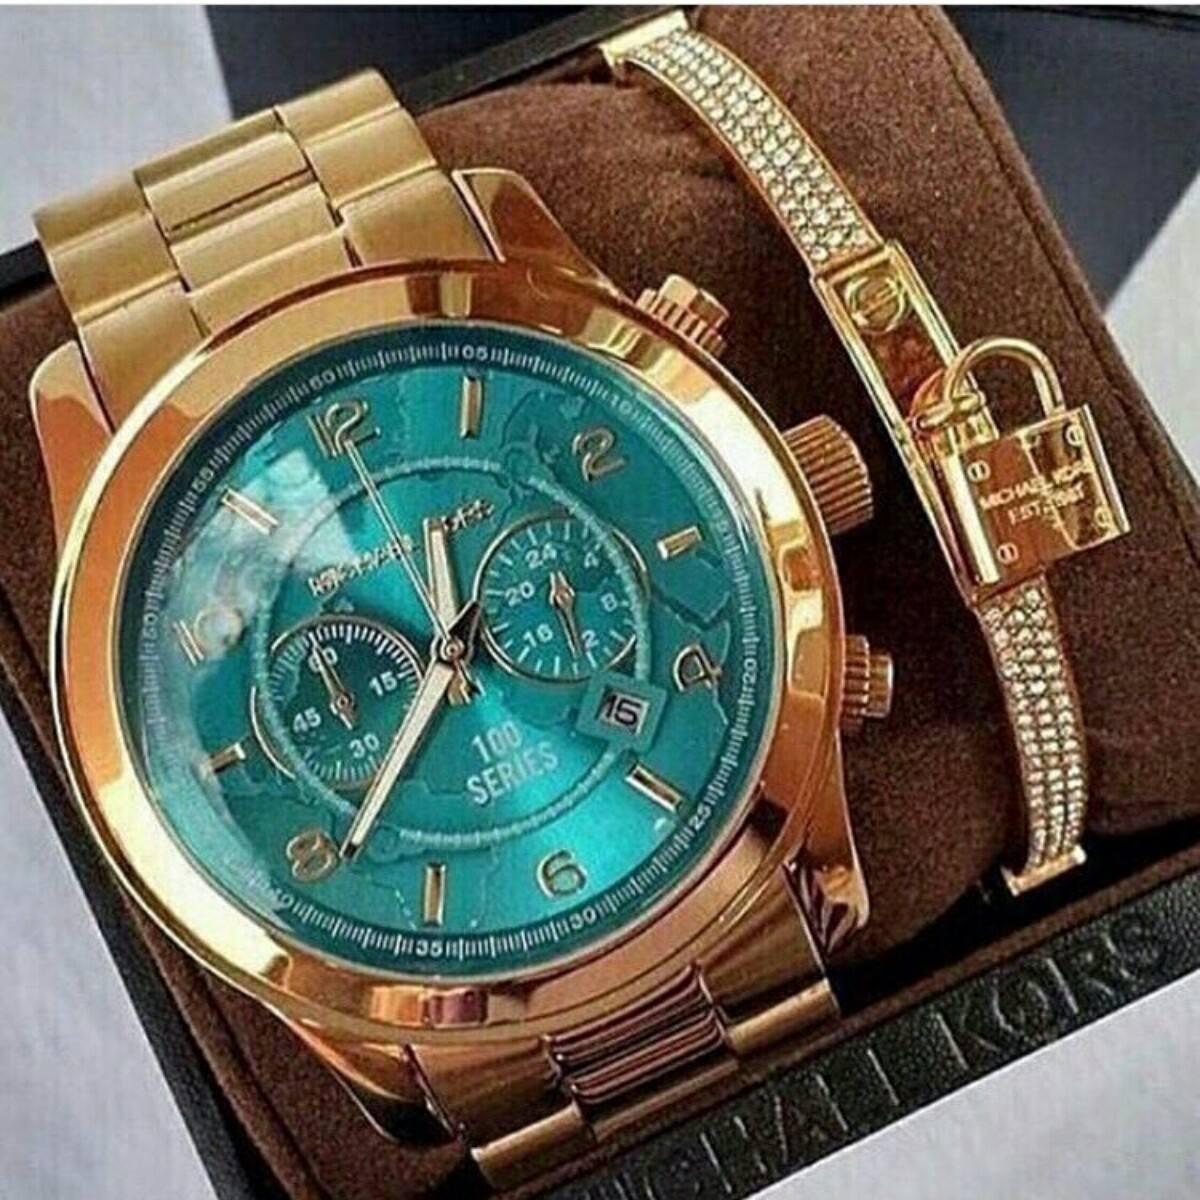 5c02fe5f4d0 relógio michael kors mk8315 completo modelo lindo. Carregando zoom.